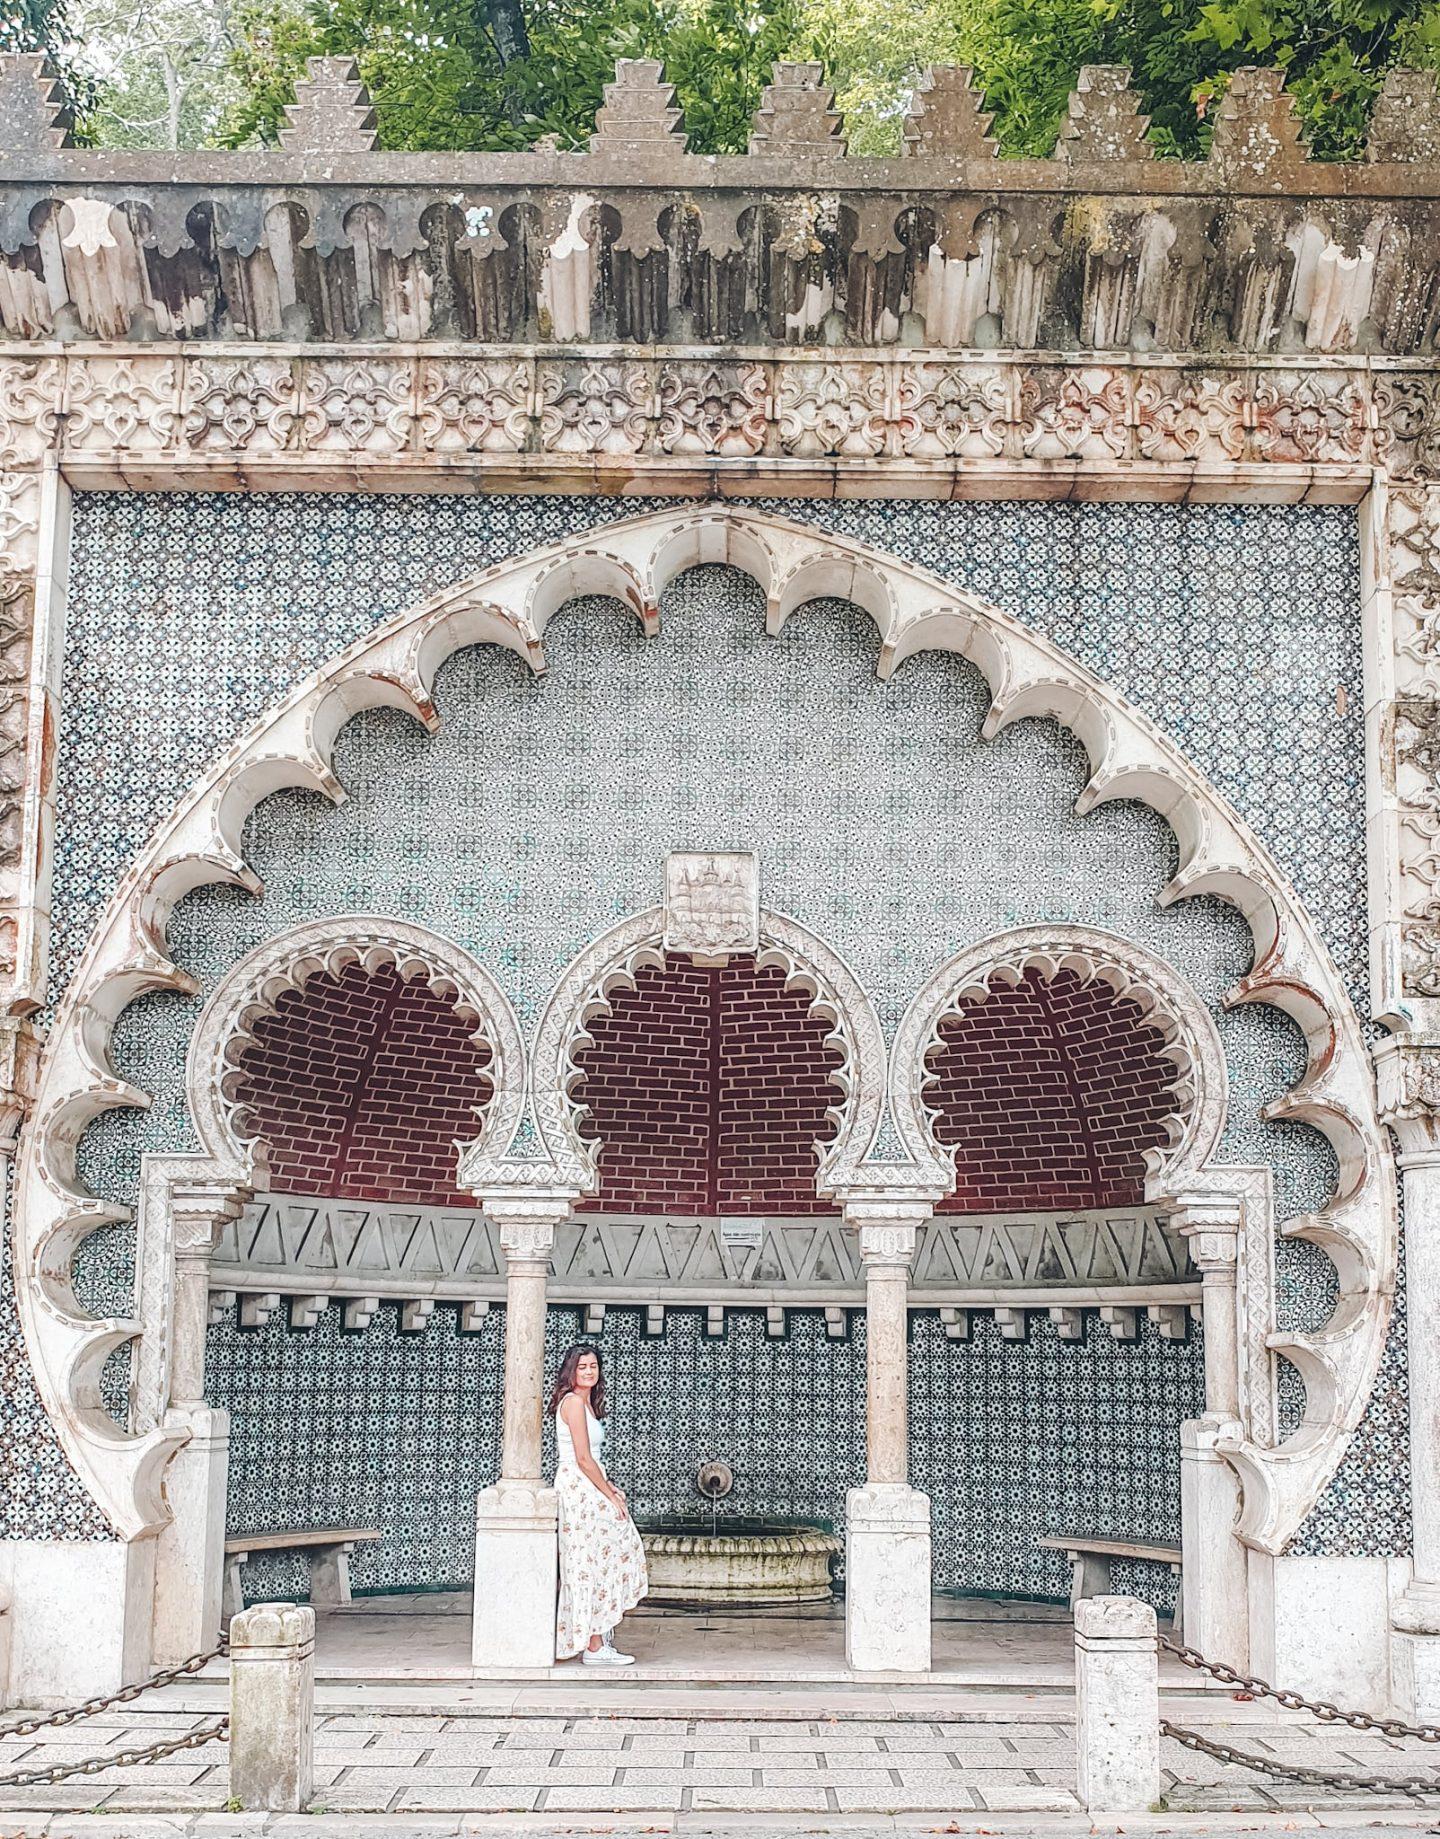 Sintra Day Tour: o Castelo dos Mouros & Palácio da Pena